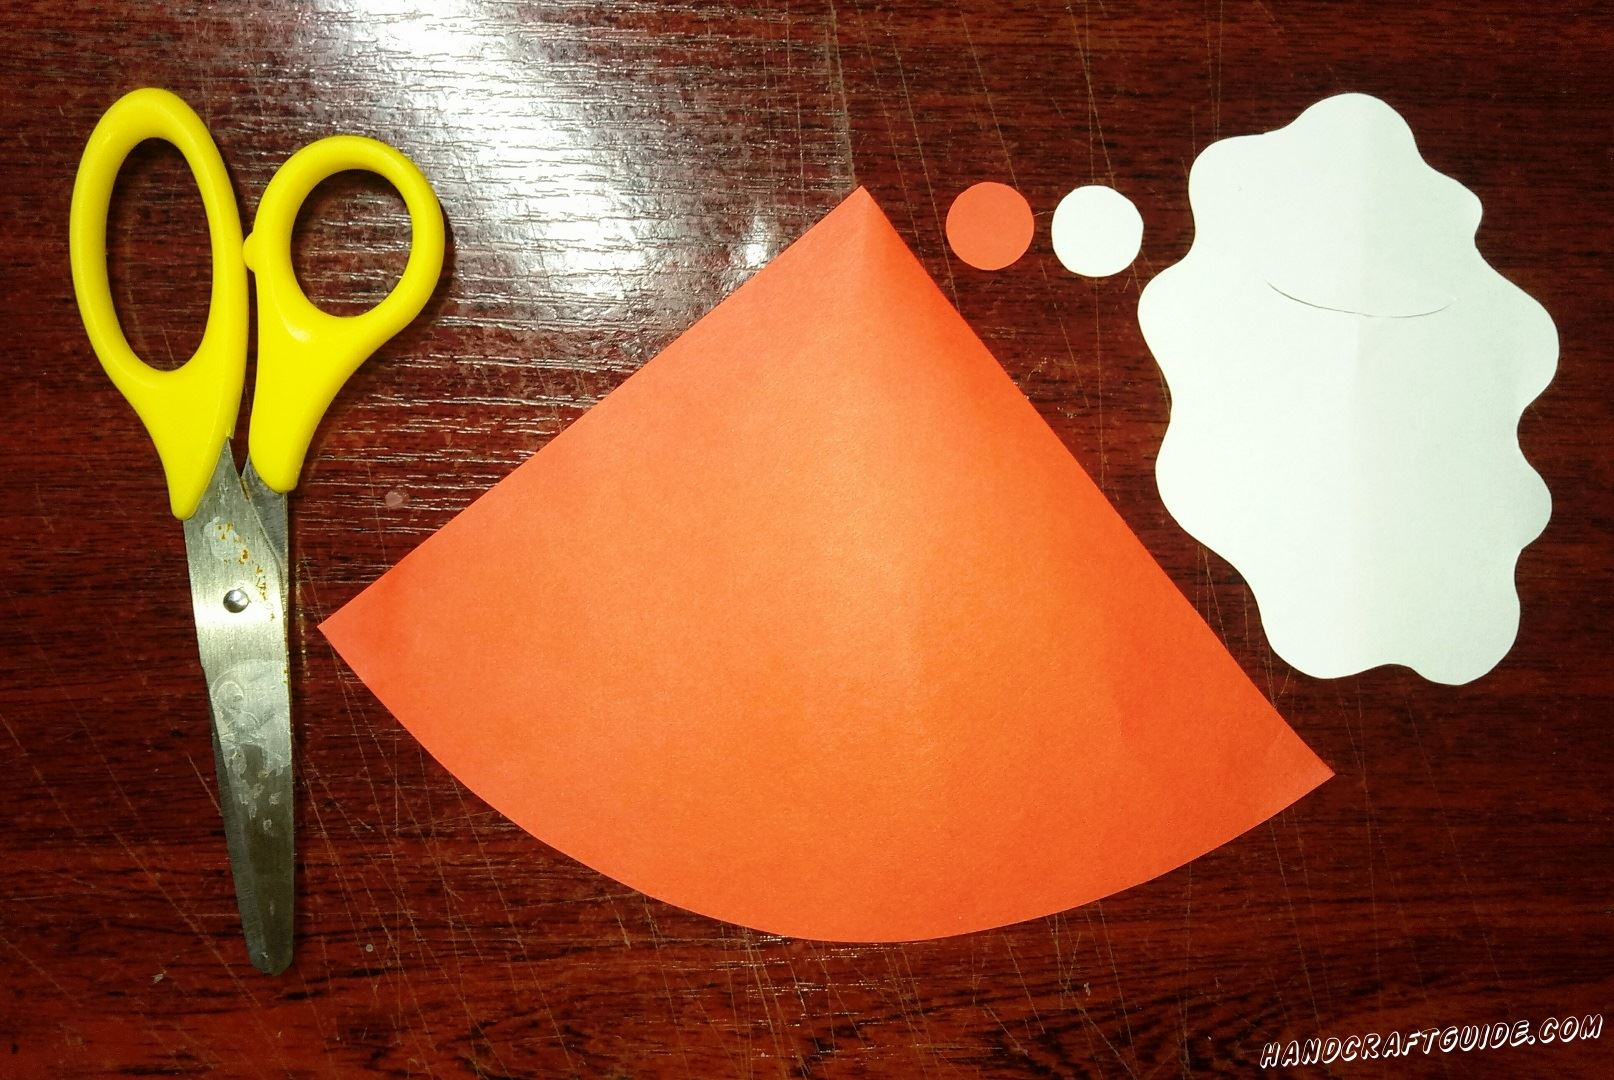 Для начала, нам нужно вырезать треугольник с закругленной длинной стороной и маленький кружочек красного цвета. Теперь берем белую бумагу и вырезаем фигурку, напоминающую лужицу, круг с волнистым ободком, и маленький кружочек.